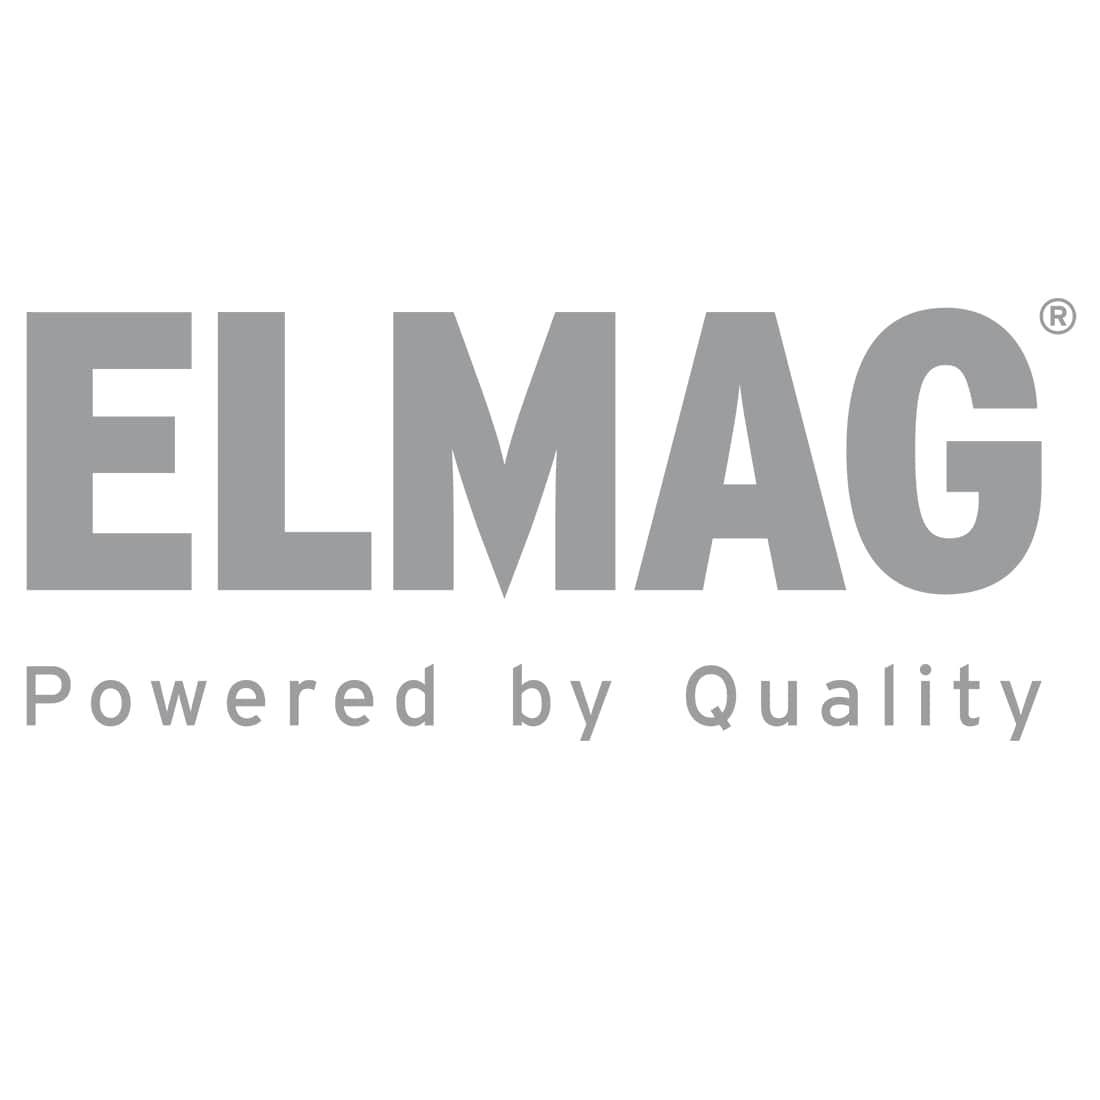 Metallabdeckung für Getriebeschalter